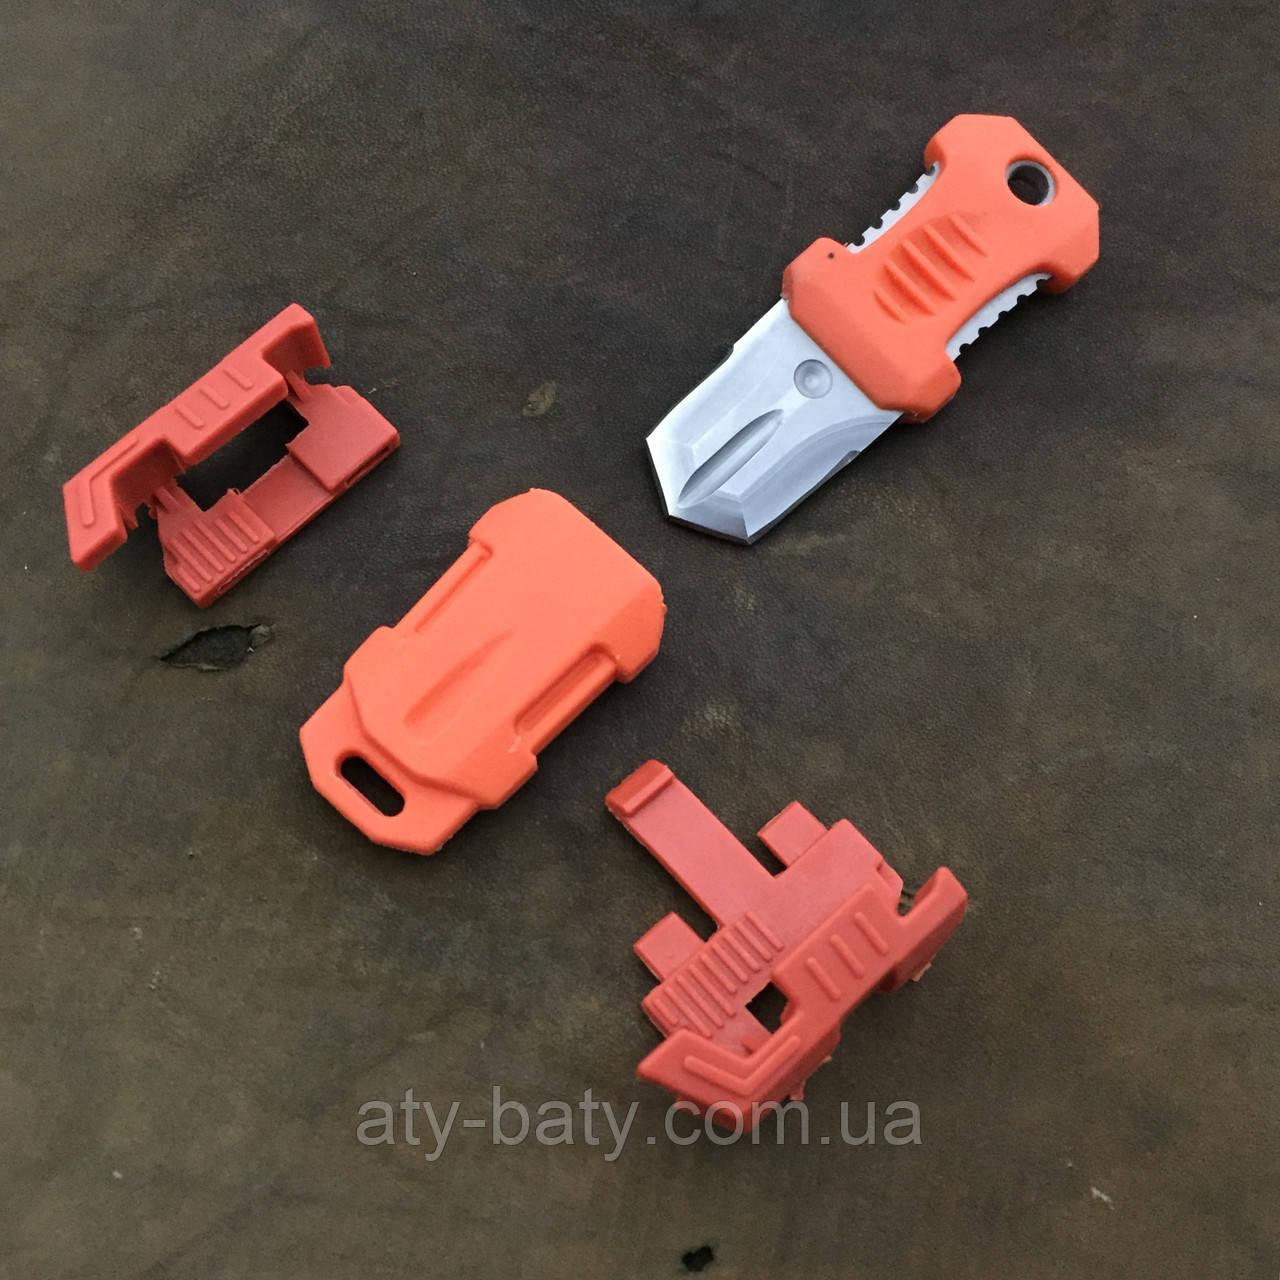 Нож S&S Precision Pocket Shiv (Реплика), фото 1